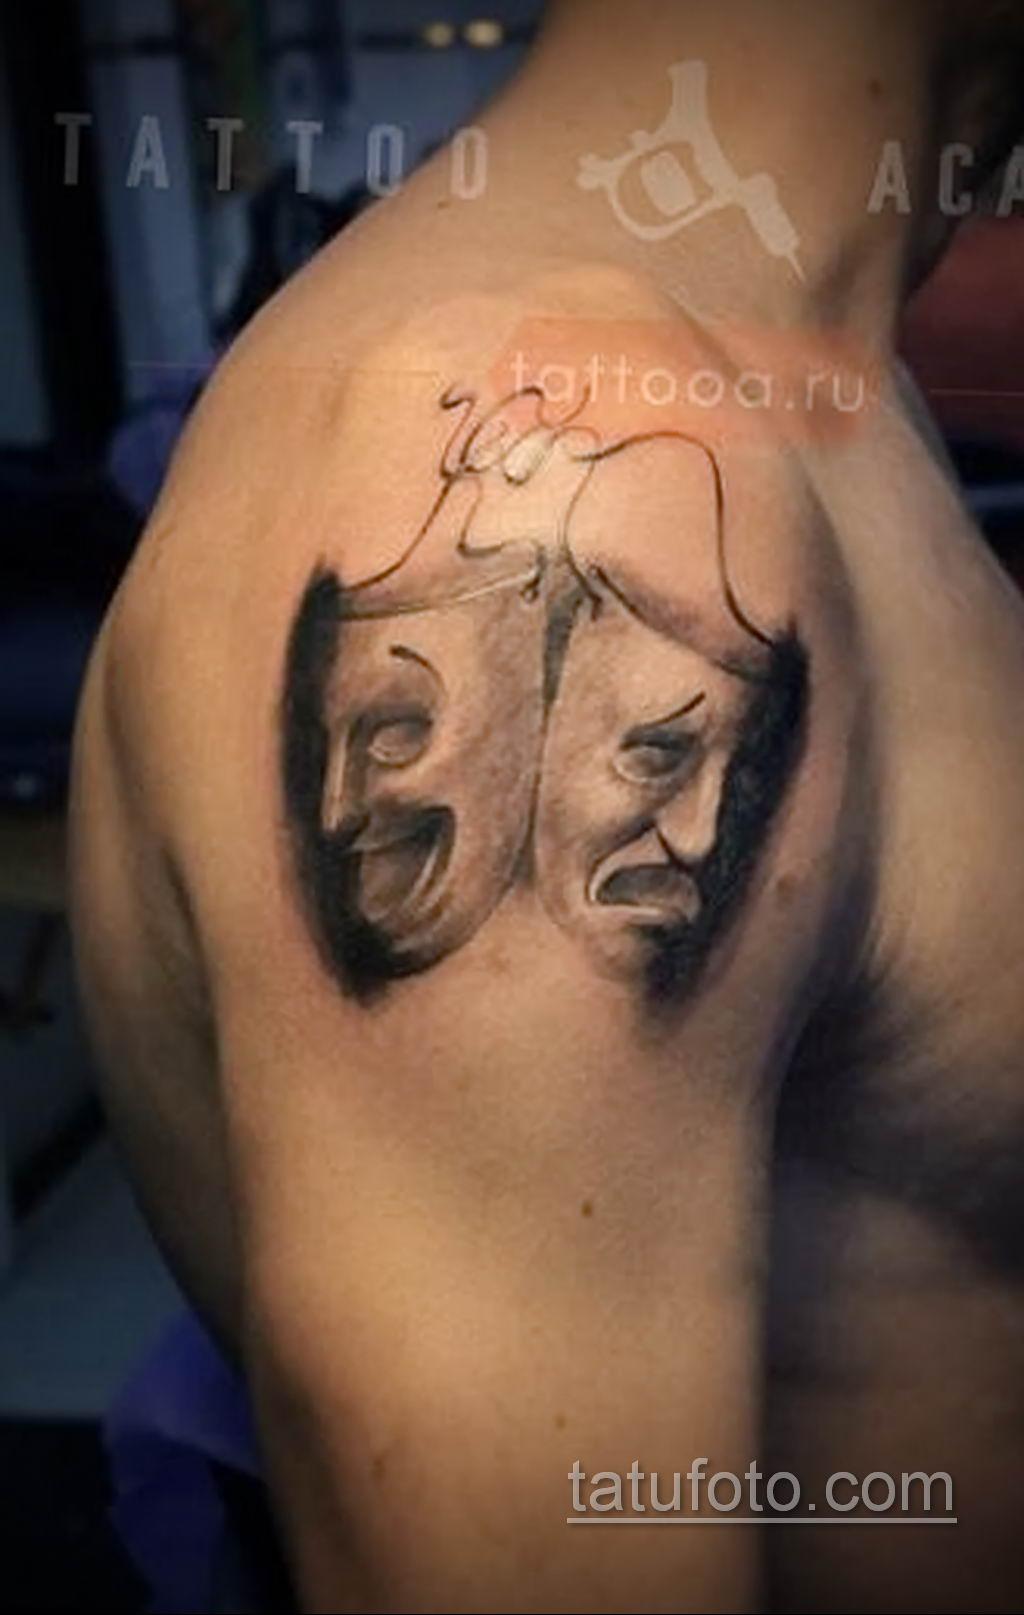 Фото тату театральные маски 09.09.2019 №068 - tattoo theater masks - tatufoto.com